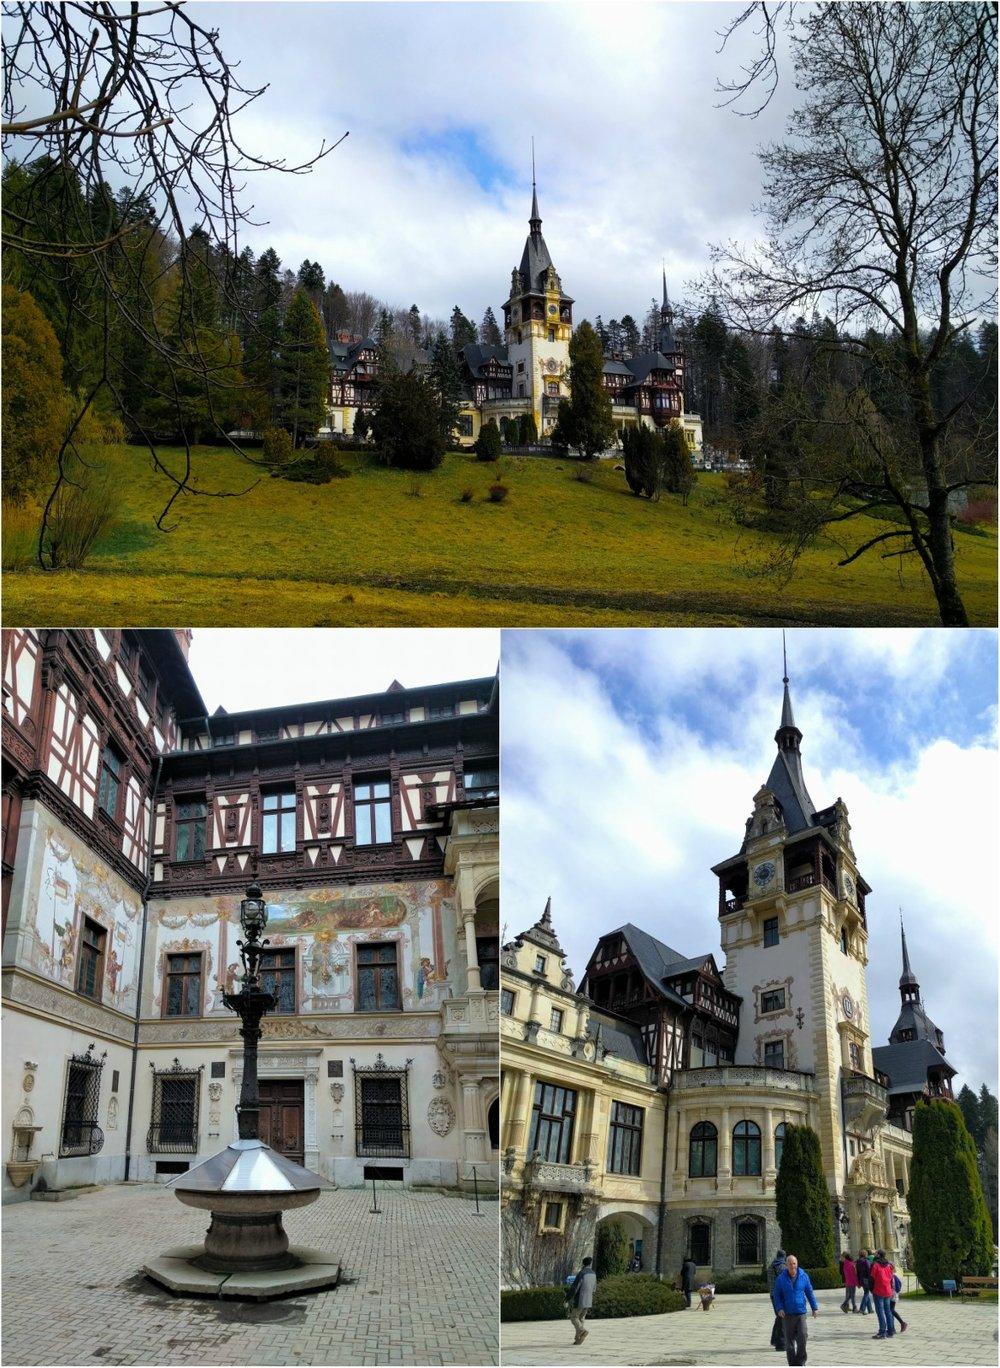 Αριστούργημα της γερμανικής νέο-αναγεννησιακής αρχιτεκτονικής